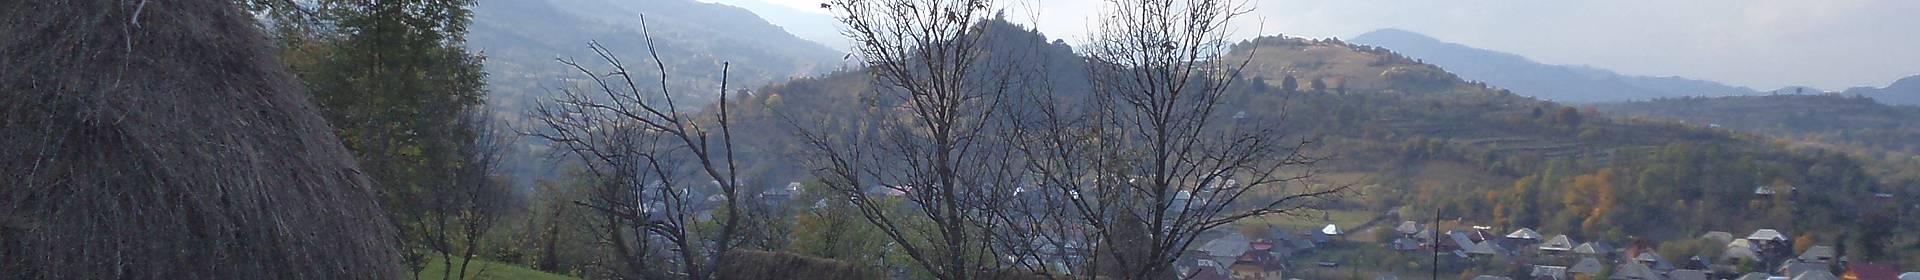 Vallée de Iza